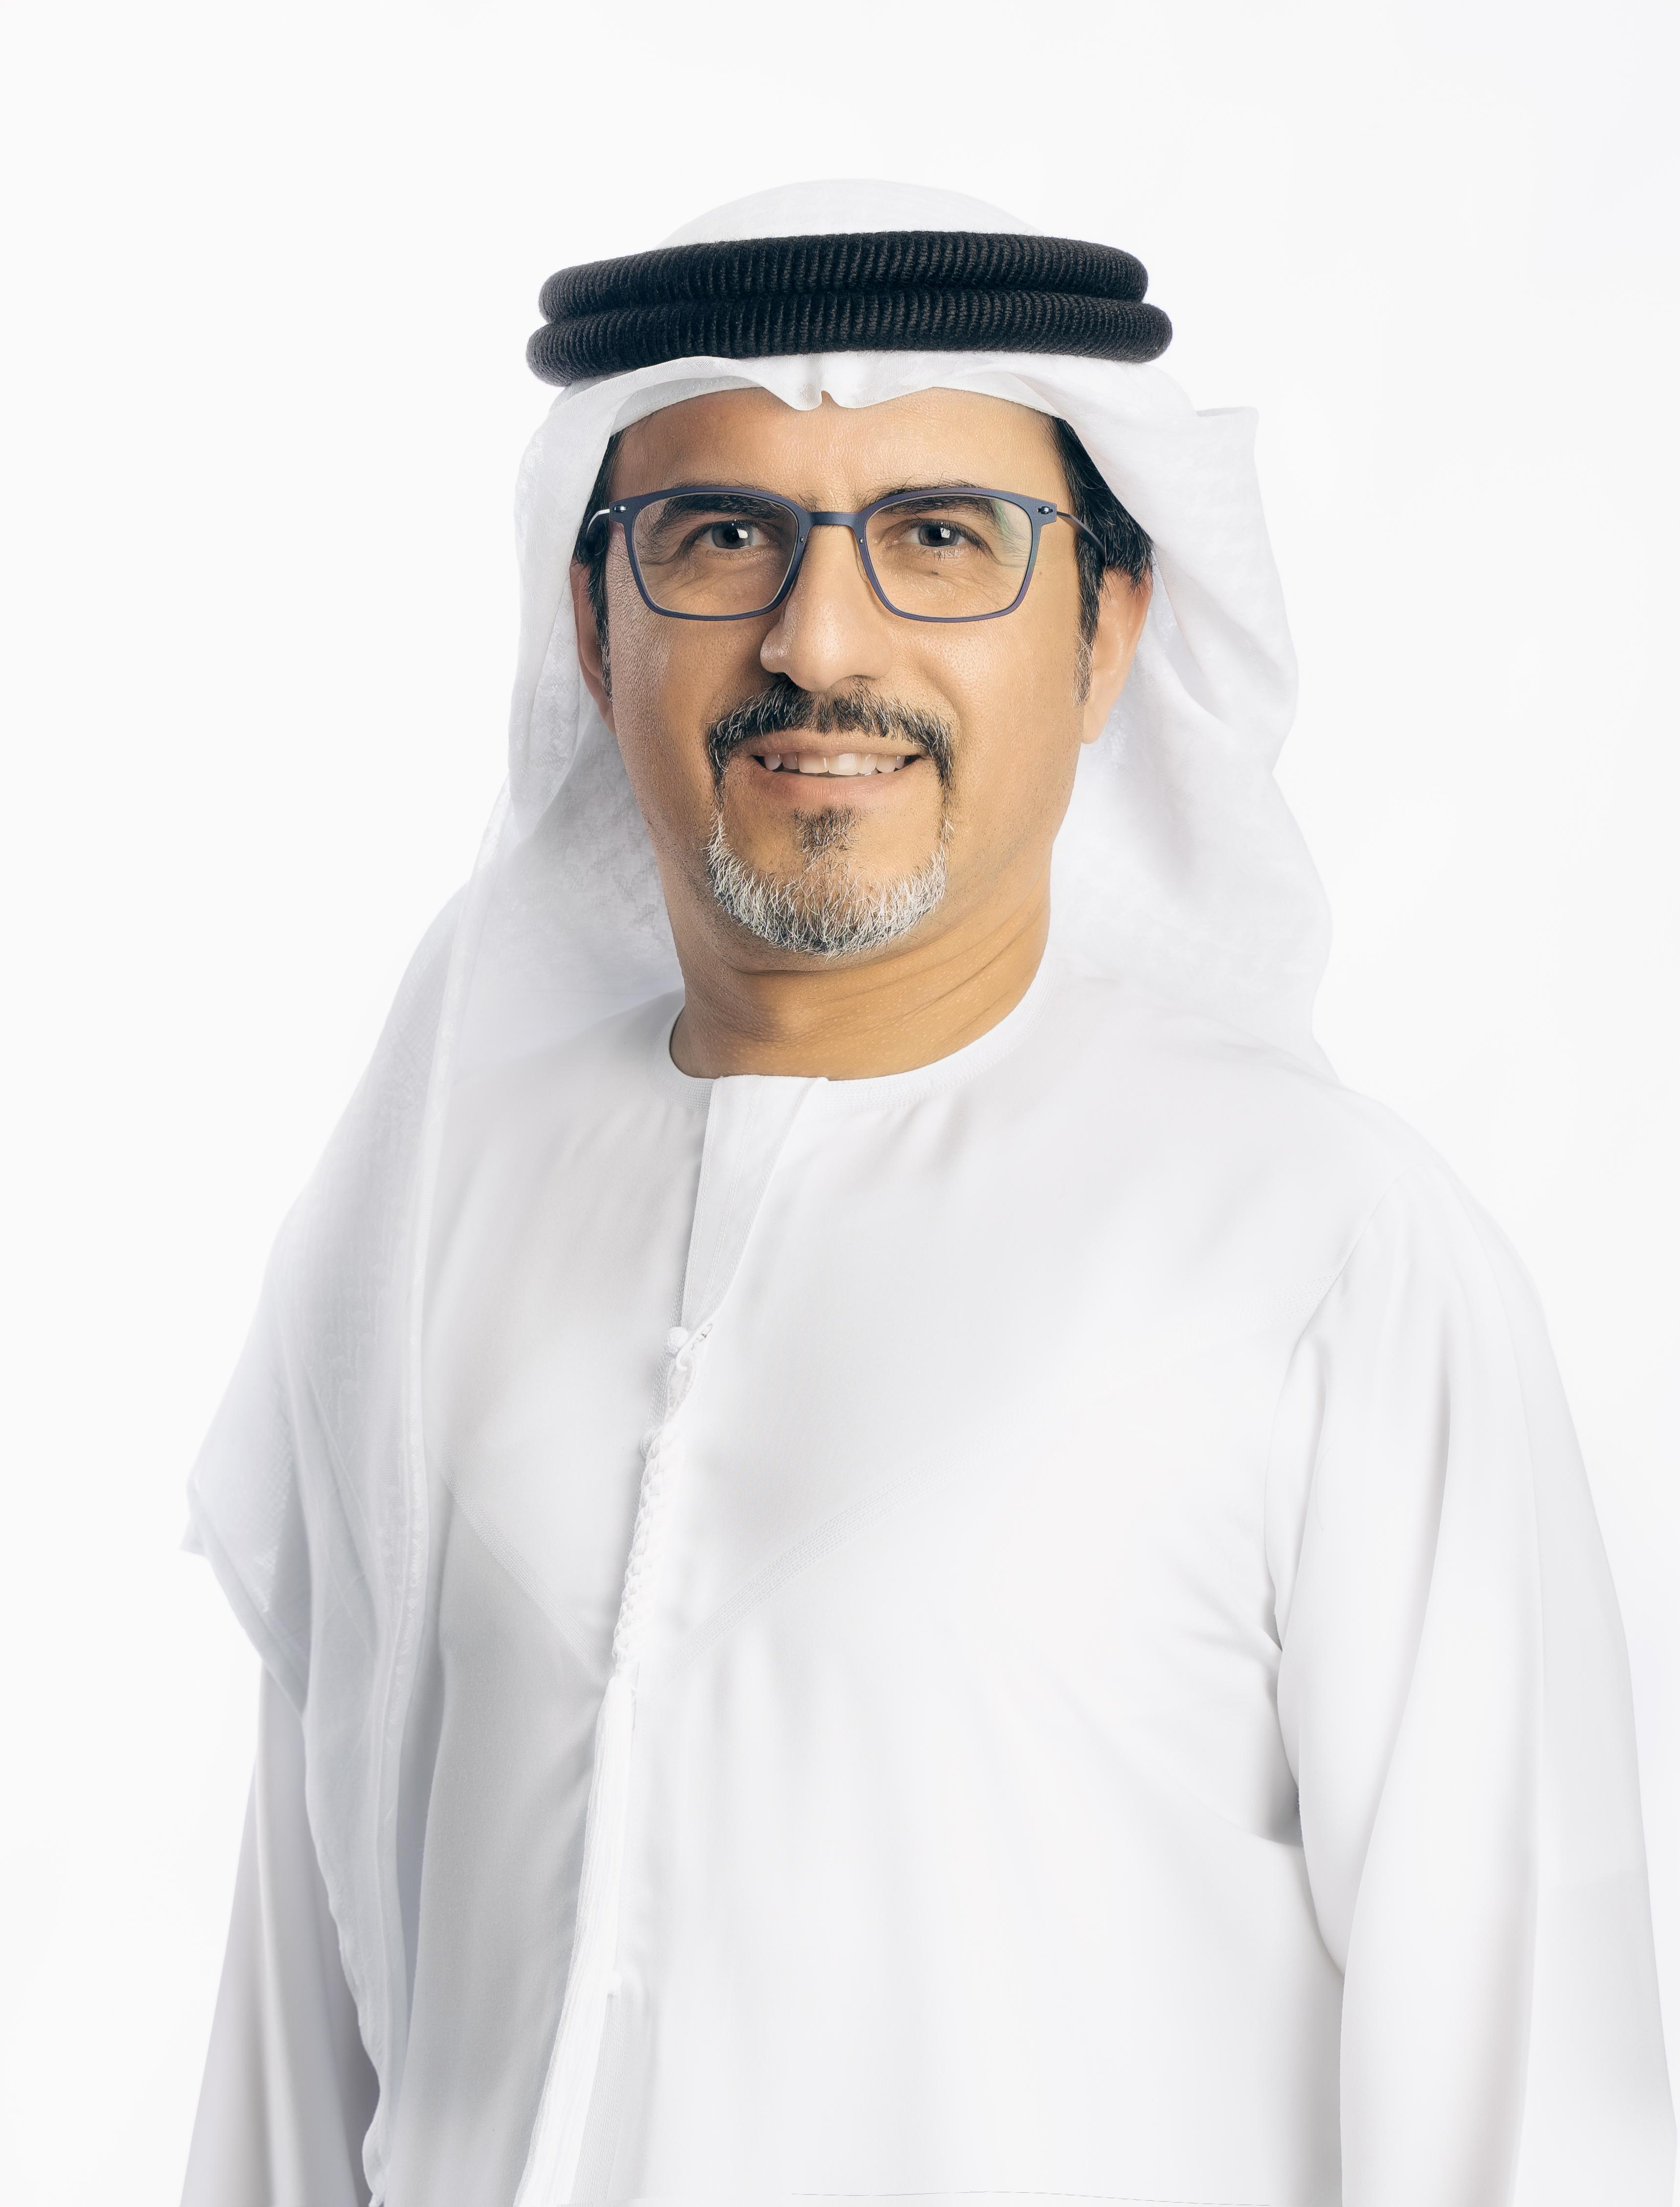 P&P CEO Musabbeh Al Kaabi DDA09204555